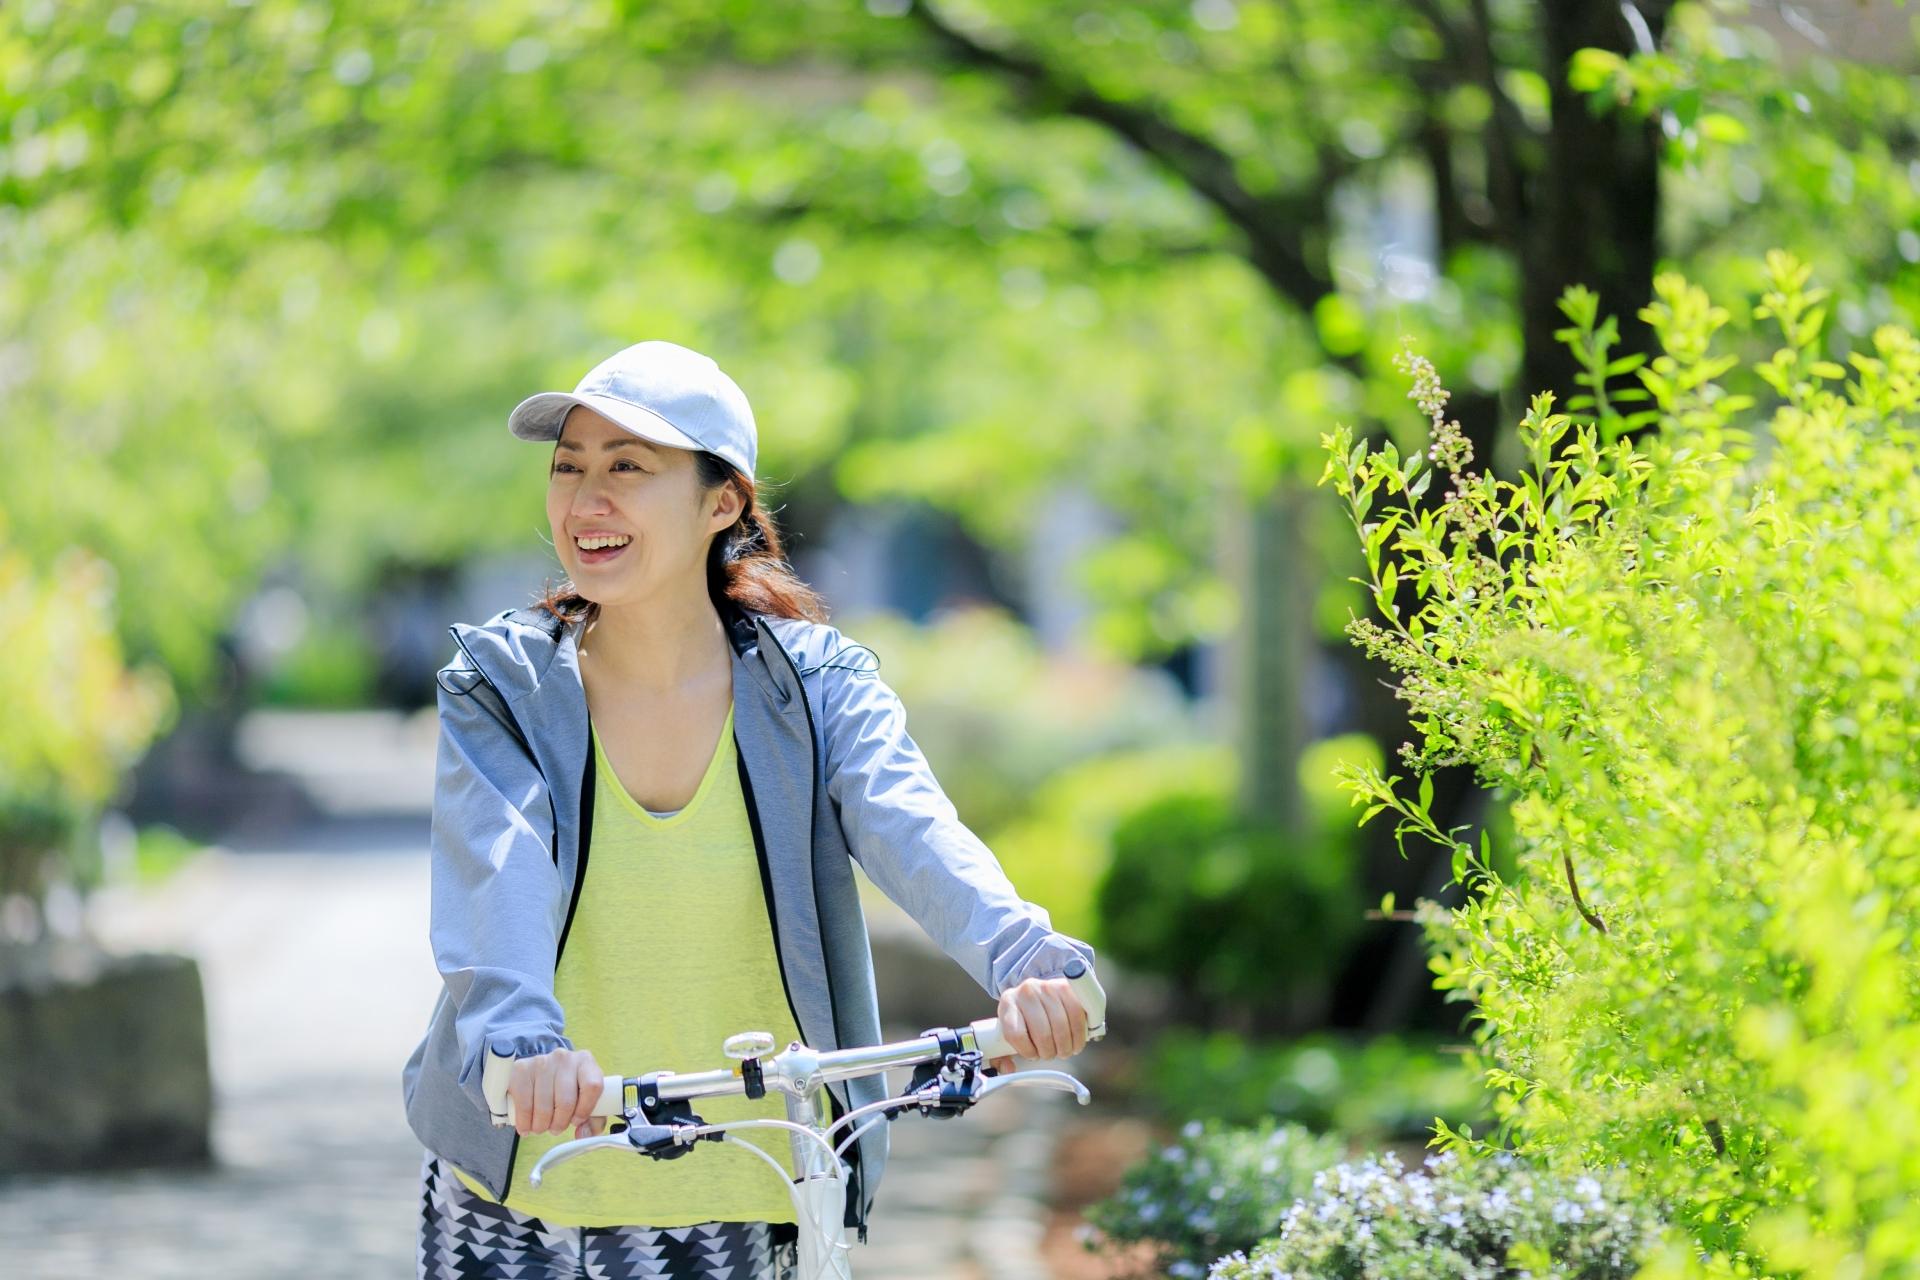 サイクリングを楽しむ笑顔の女性